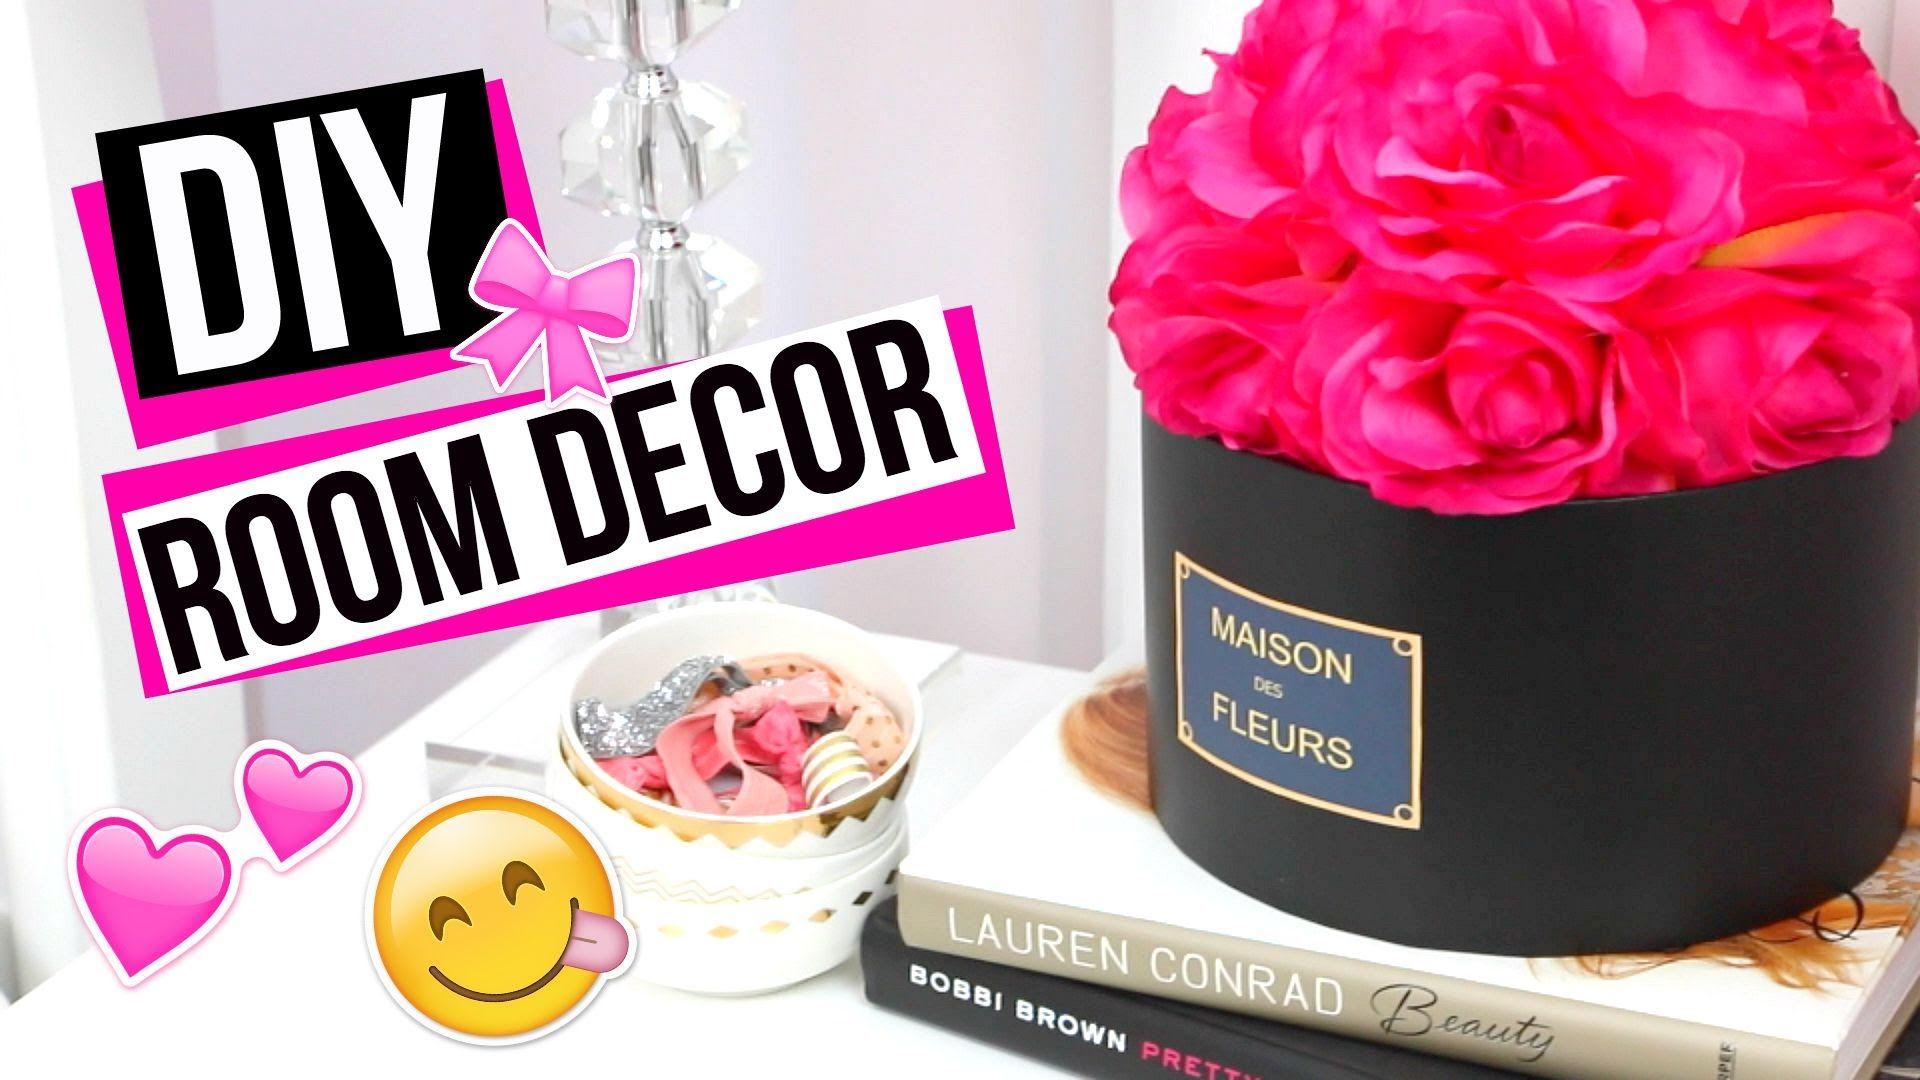 Diy Maison Des Fleurs Floral Arrangement Tumblr Room Decor Diy